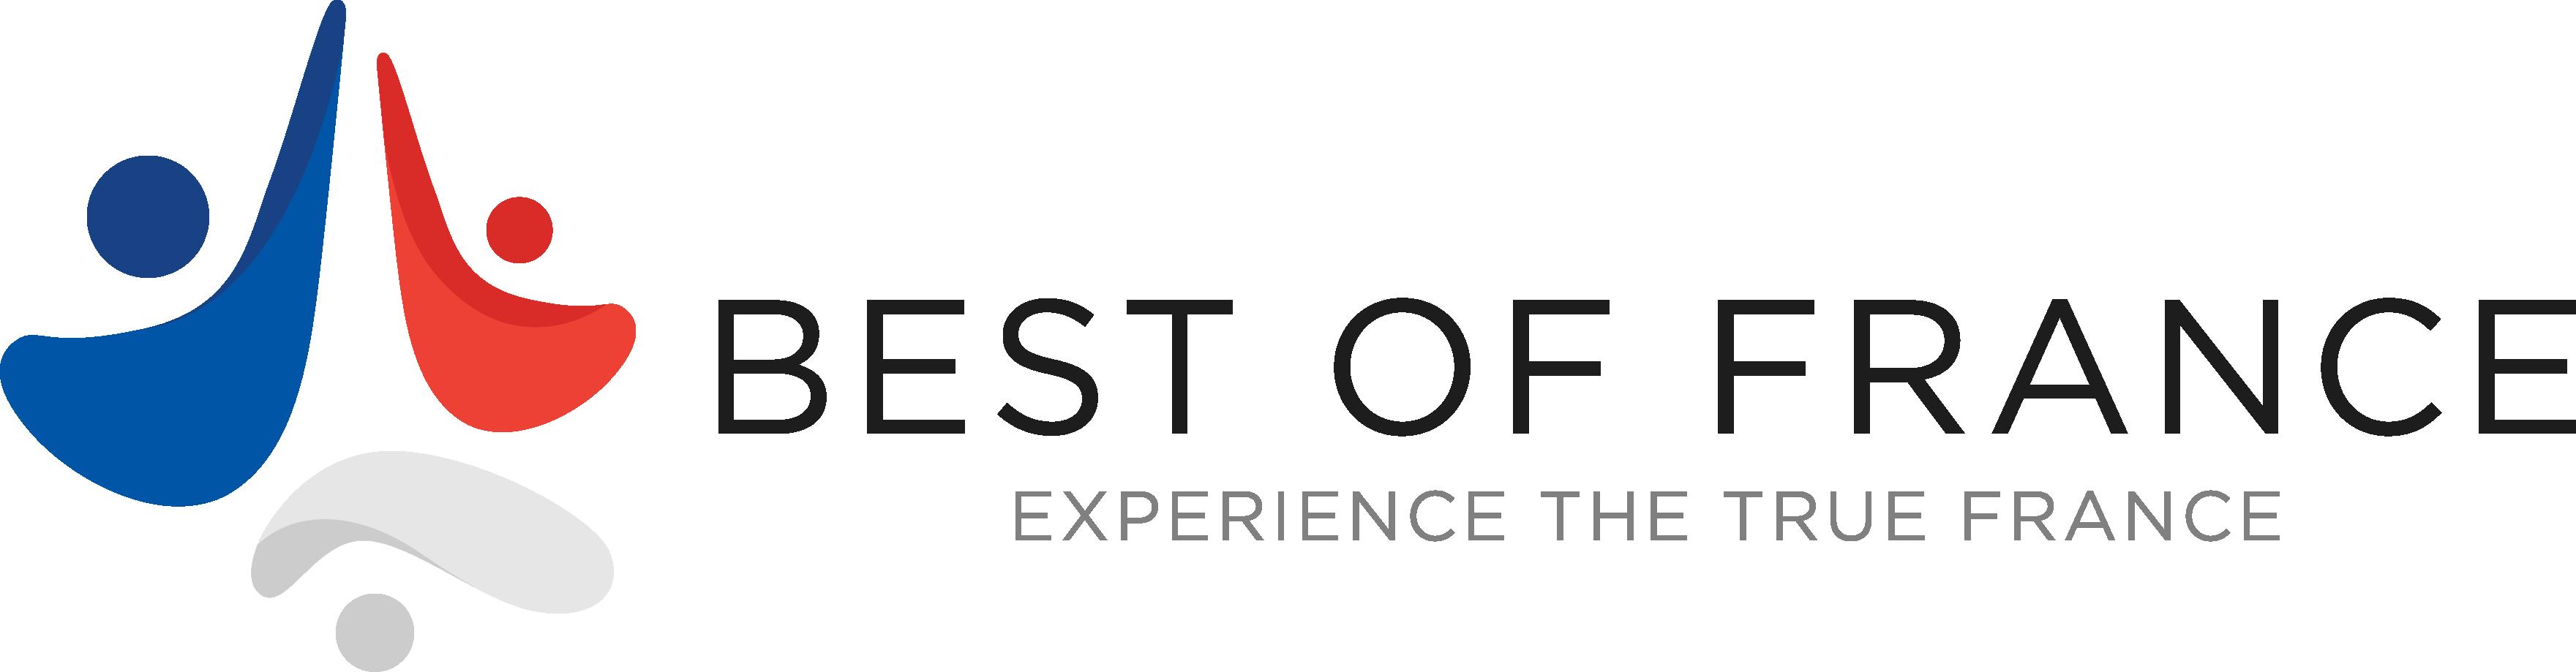 Best of France Logo